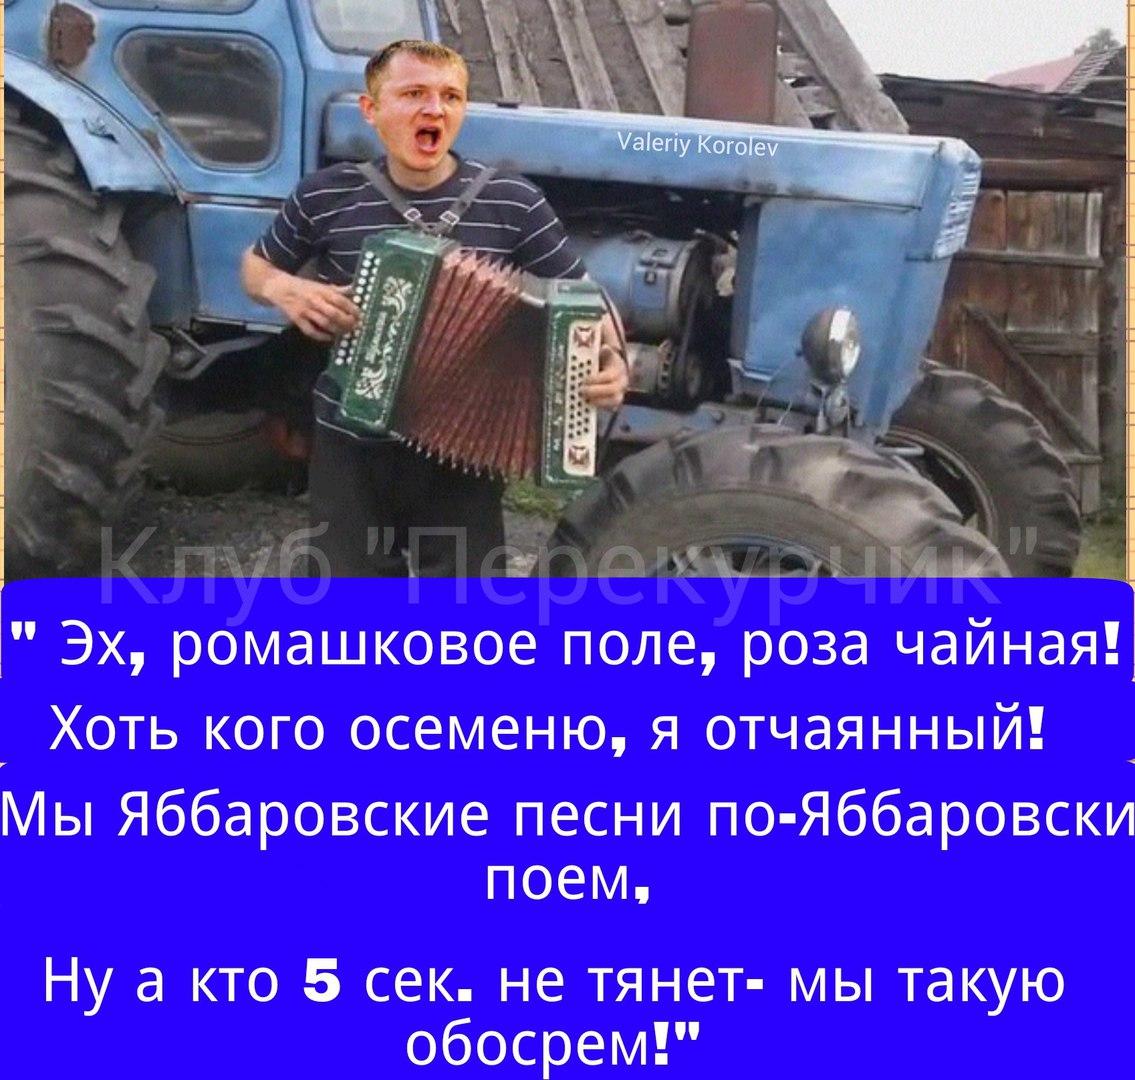 vqsktq_5cue